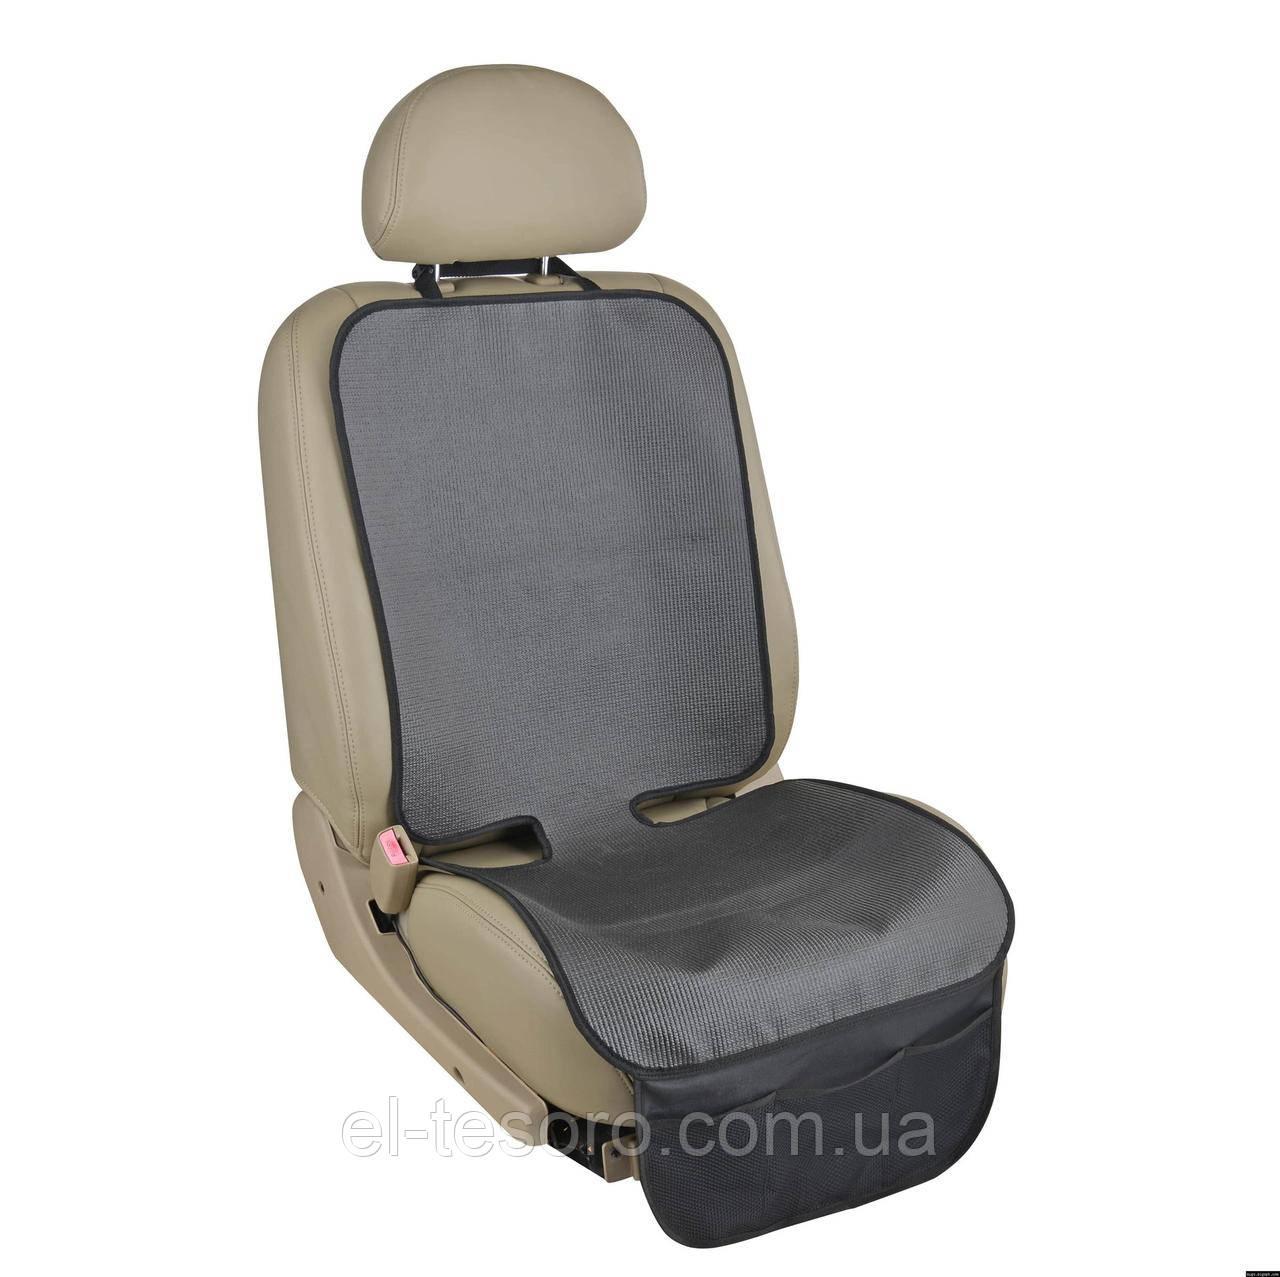 Защитный коврик для автомобильного сиденья